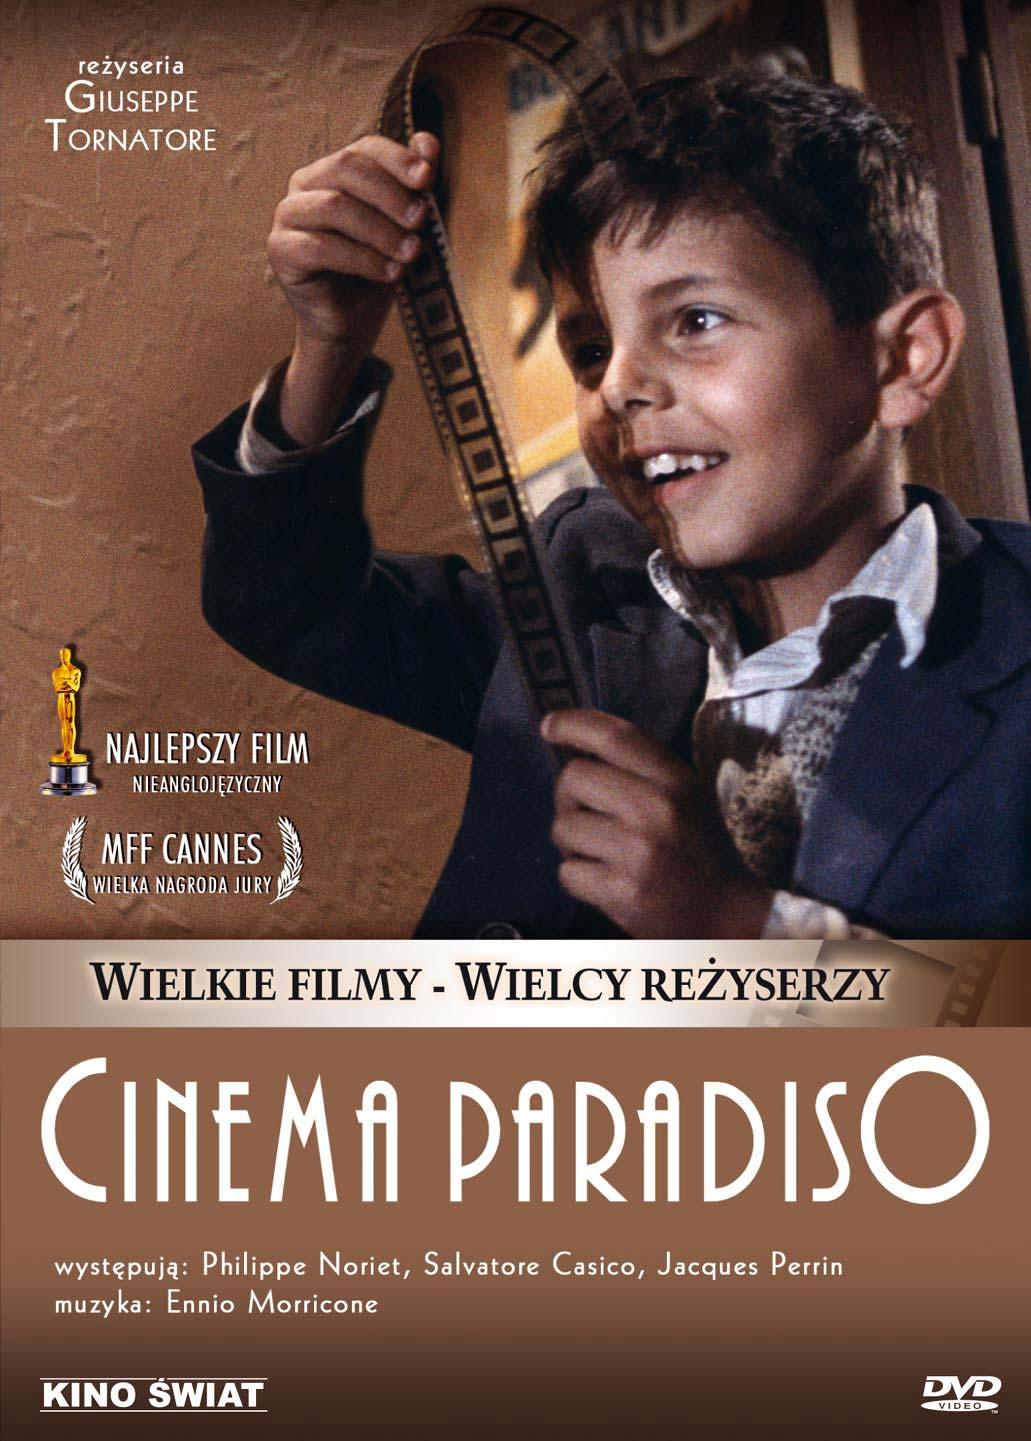 """ახალი კინოთეატრი """"პარადიზო"""" Cinema Paradiso Новый кинотеатр Парадизо"""